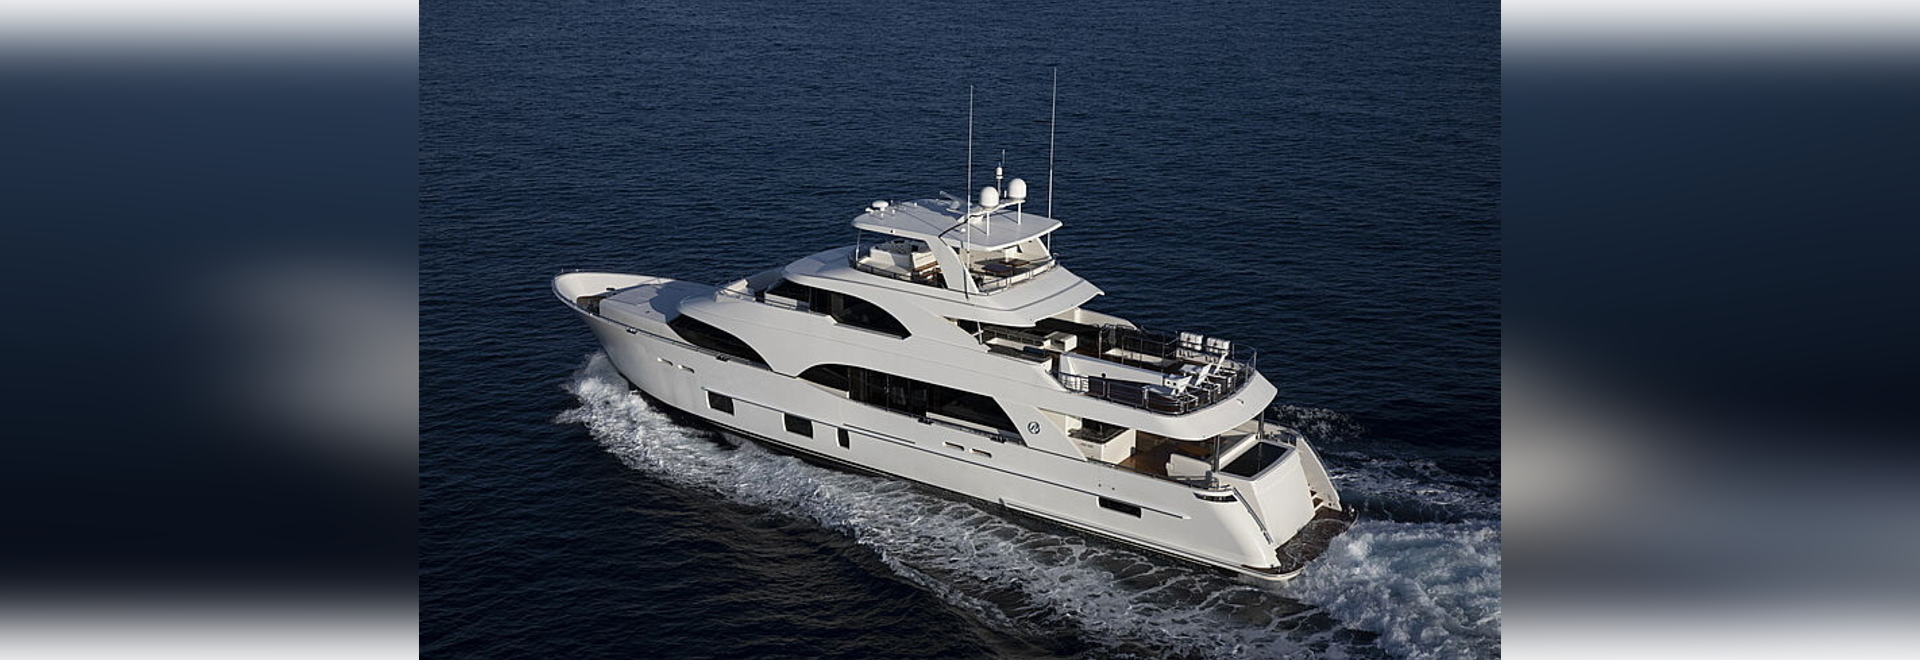 Le cinque caratteristiche principali dell'Ocean Alexander 36L